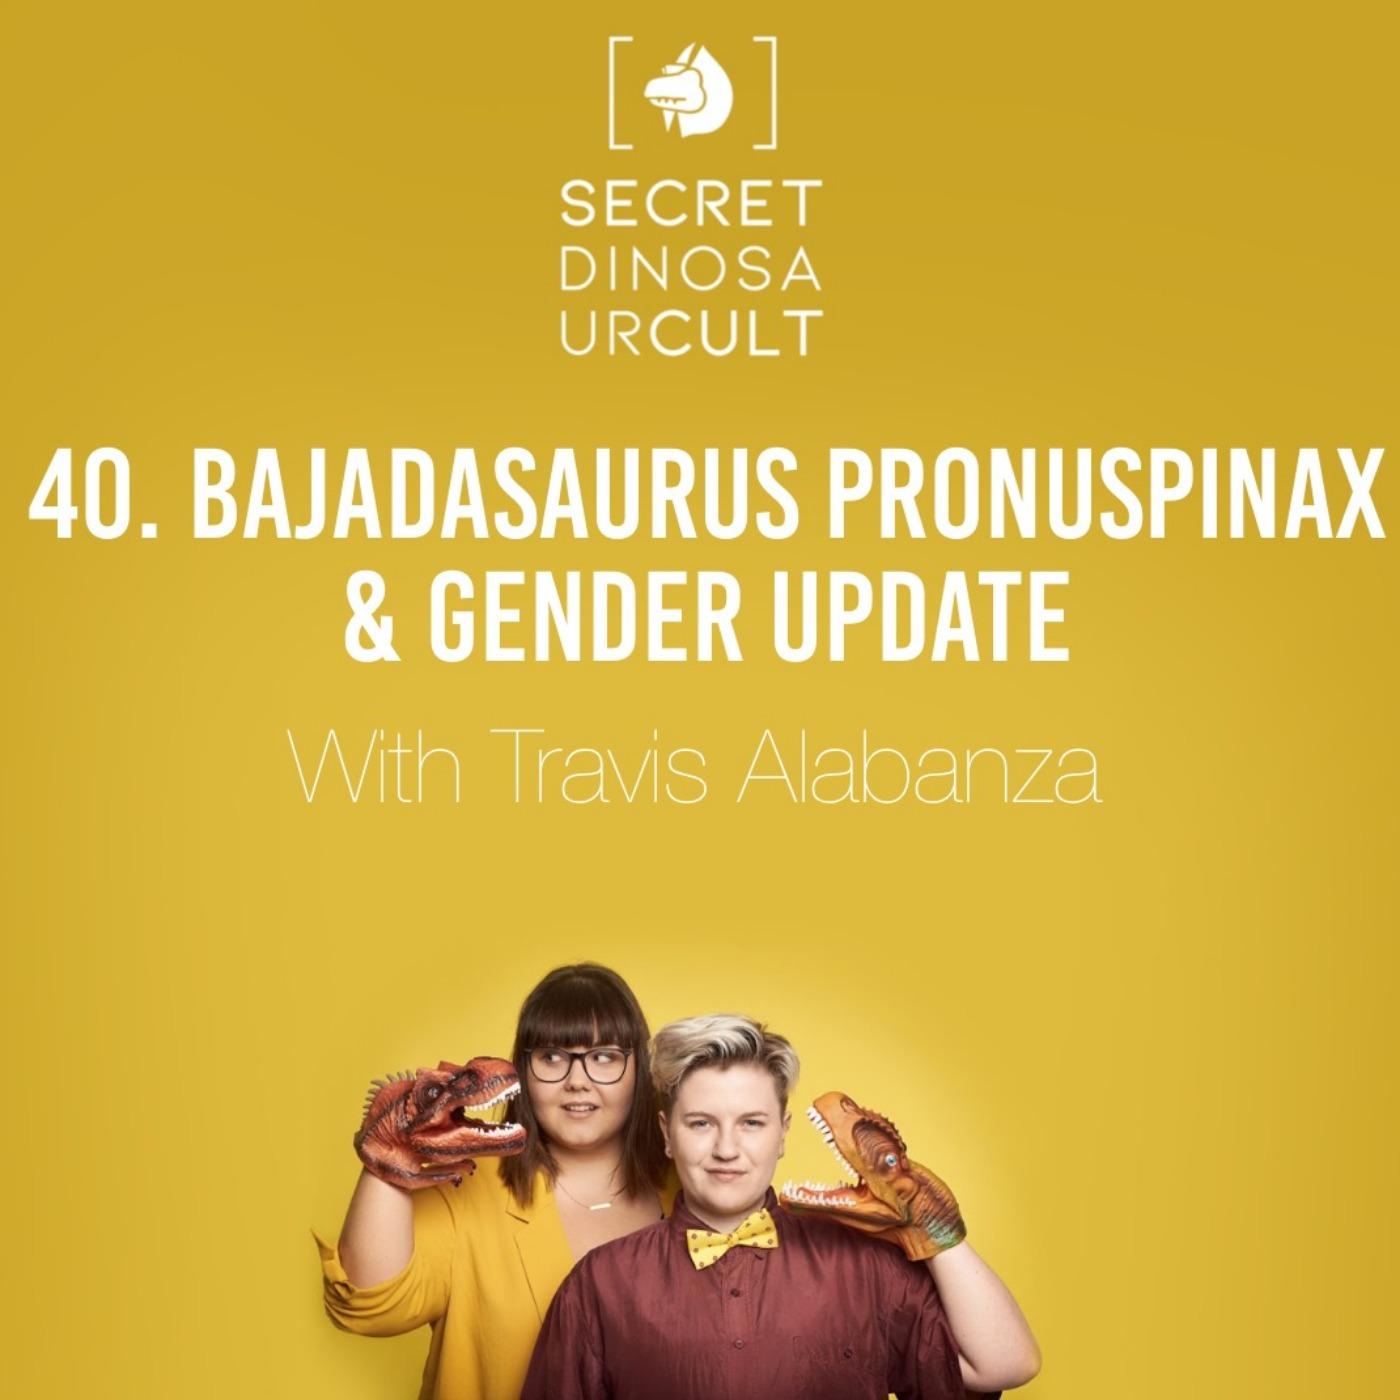 Bajadasaurus Pronuspinax & Gender Update with Travis Alabanza